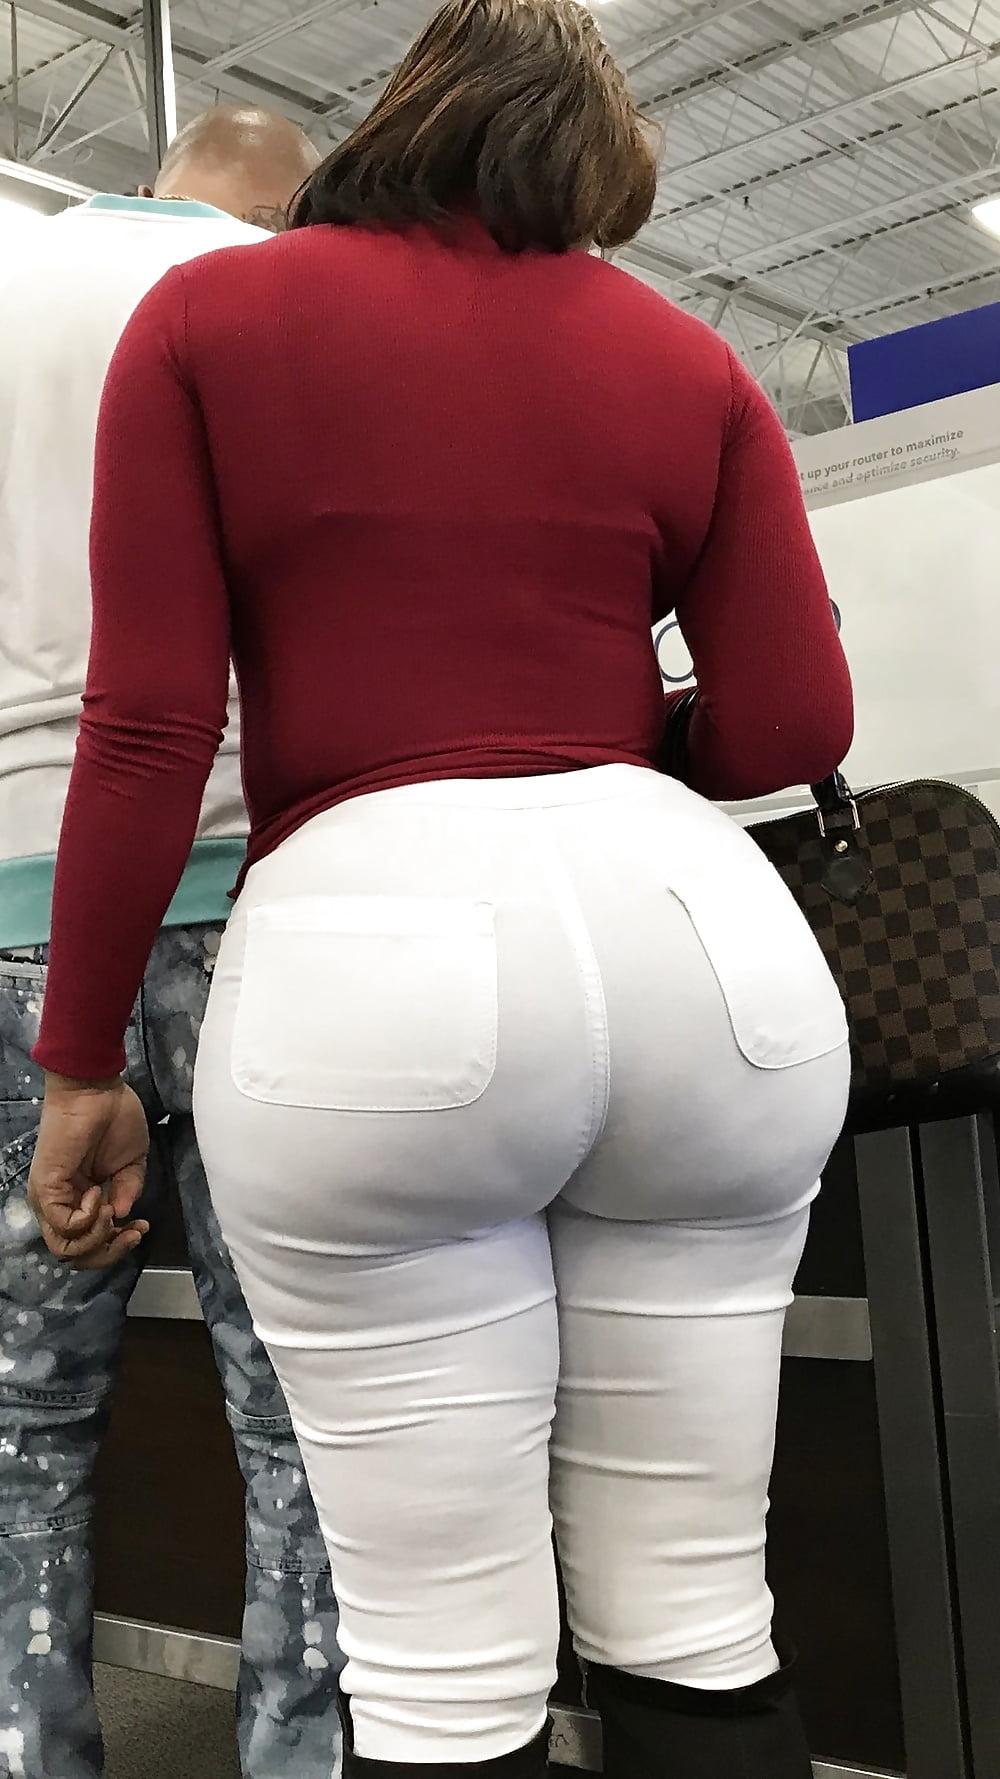 все толстые попы в джинсах просто